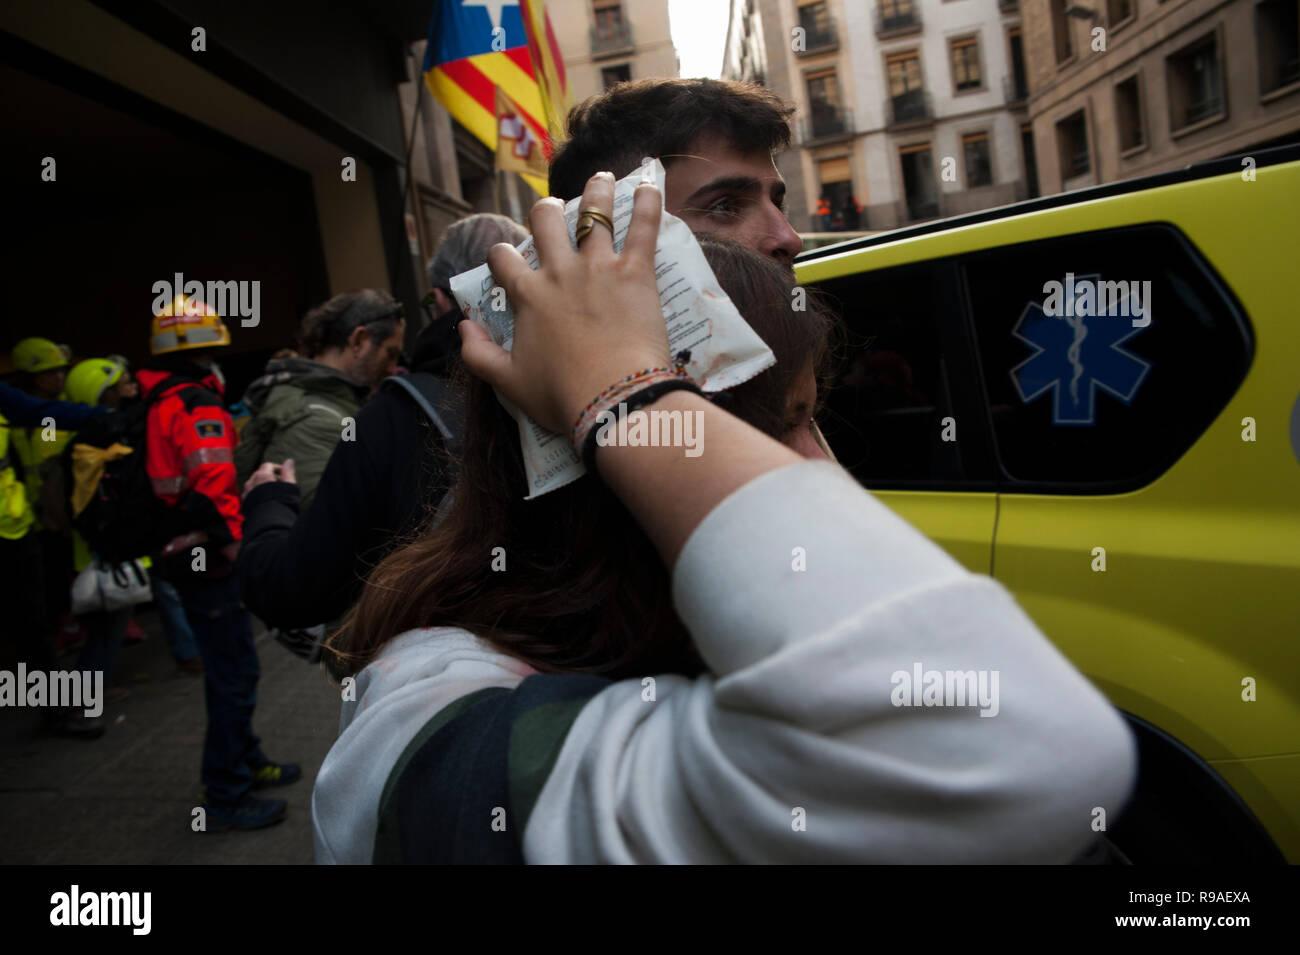 """Barcelona 21. Dezember, 2018. Katalanischen Aktivisten zugunsten der Unabhängigkeit Protest vor dem Gebäude der """"Llotja de Mar"""" in Barcelona, wo der Ministerrat in einer außerordentlichen Weise erfüllt hat. Der Tagung des Rates der Minister wird in Katalonien, nur ein Jahr nach der Landtagswahl von der vorherigen Regierung gemäß Artikel 155 der Verfassung einberufen. Charlie Perez/Alamy leben Nachrichten Stockfoto"""